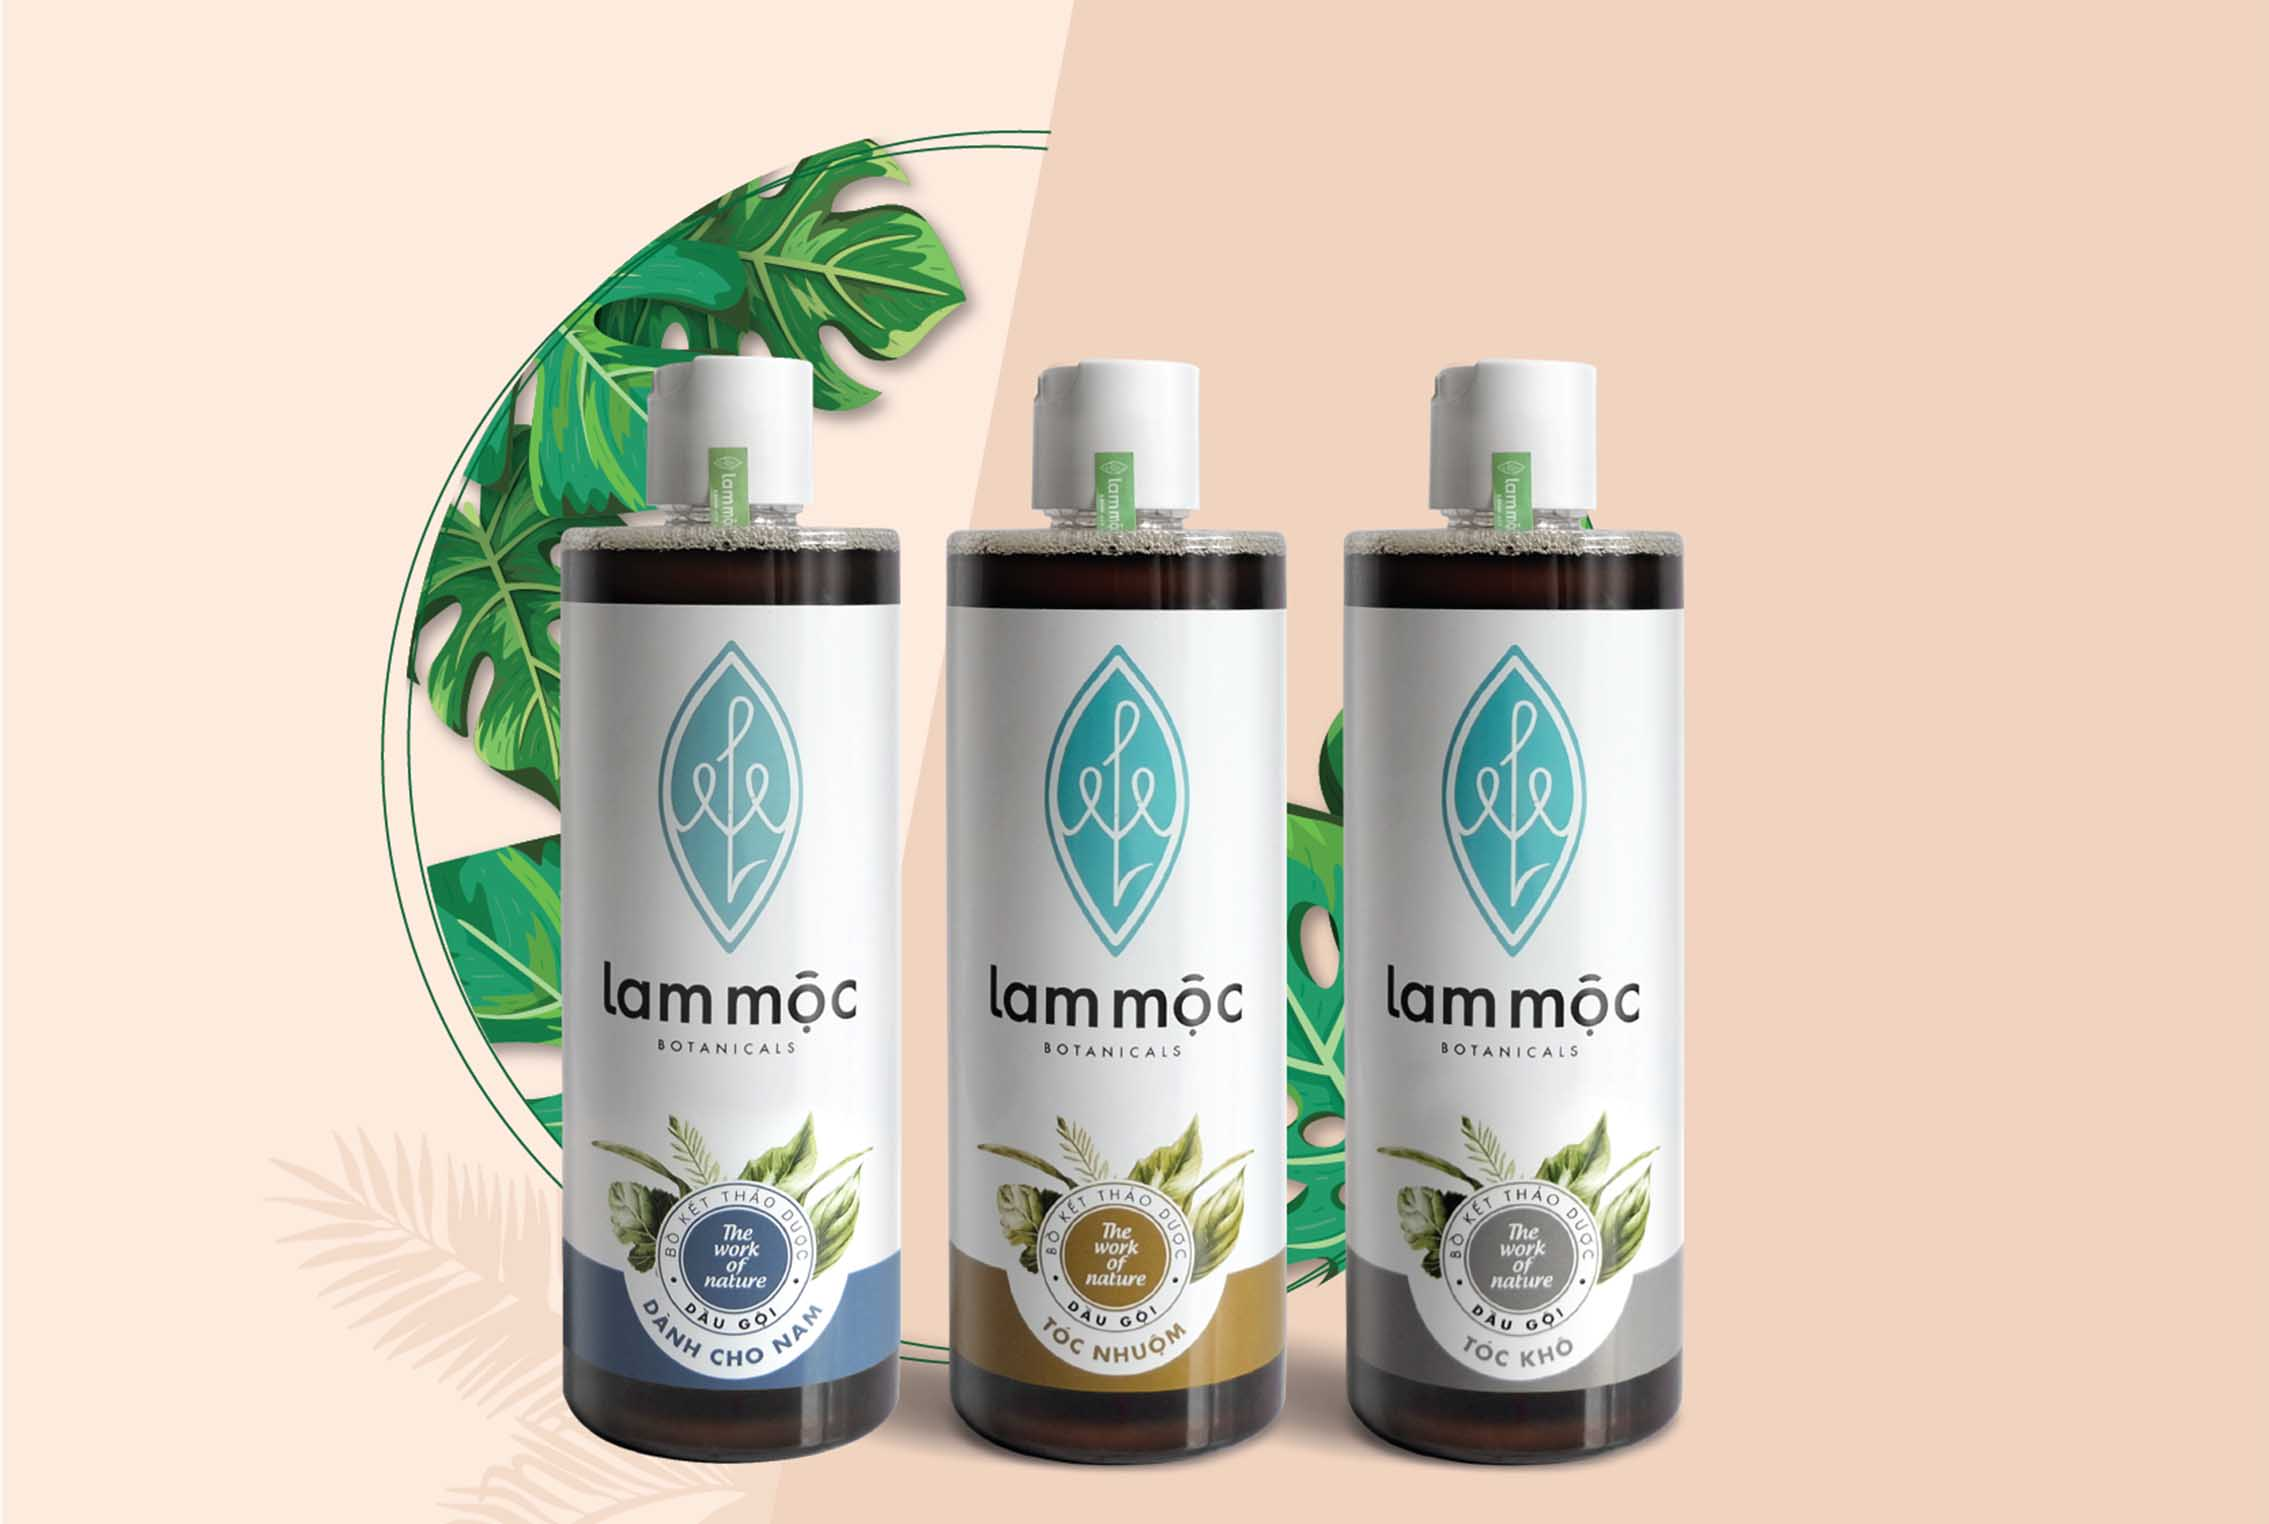 sản phẩm thân thiện môi trường Lam Mộc